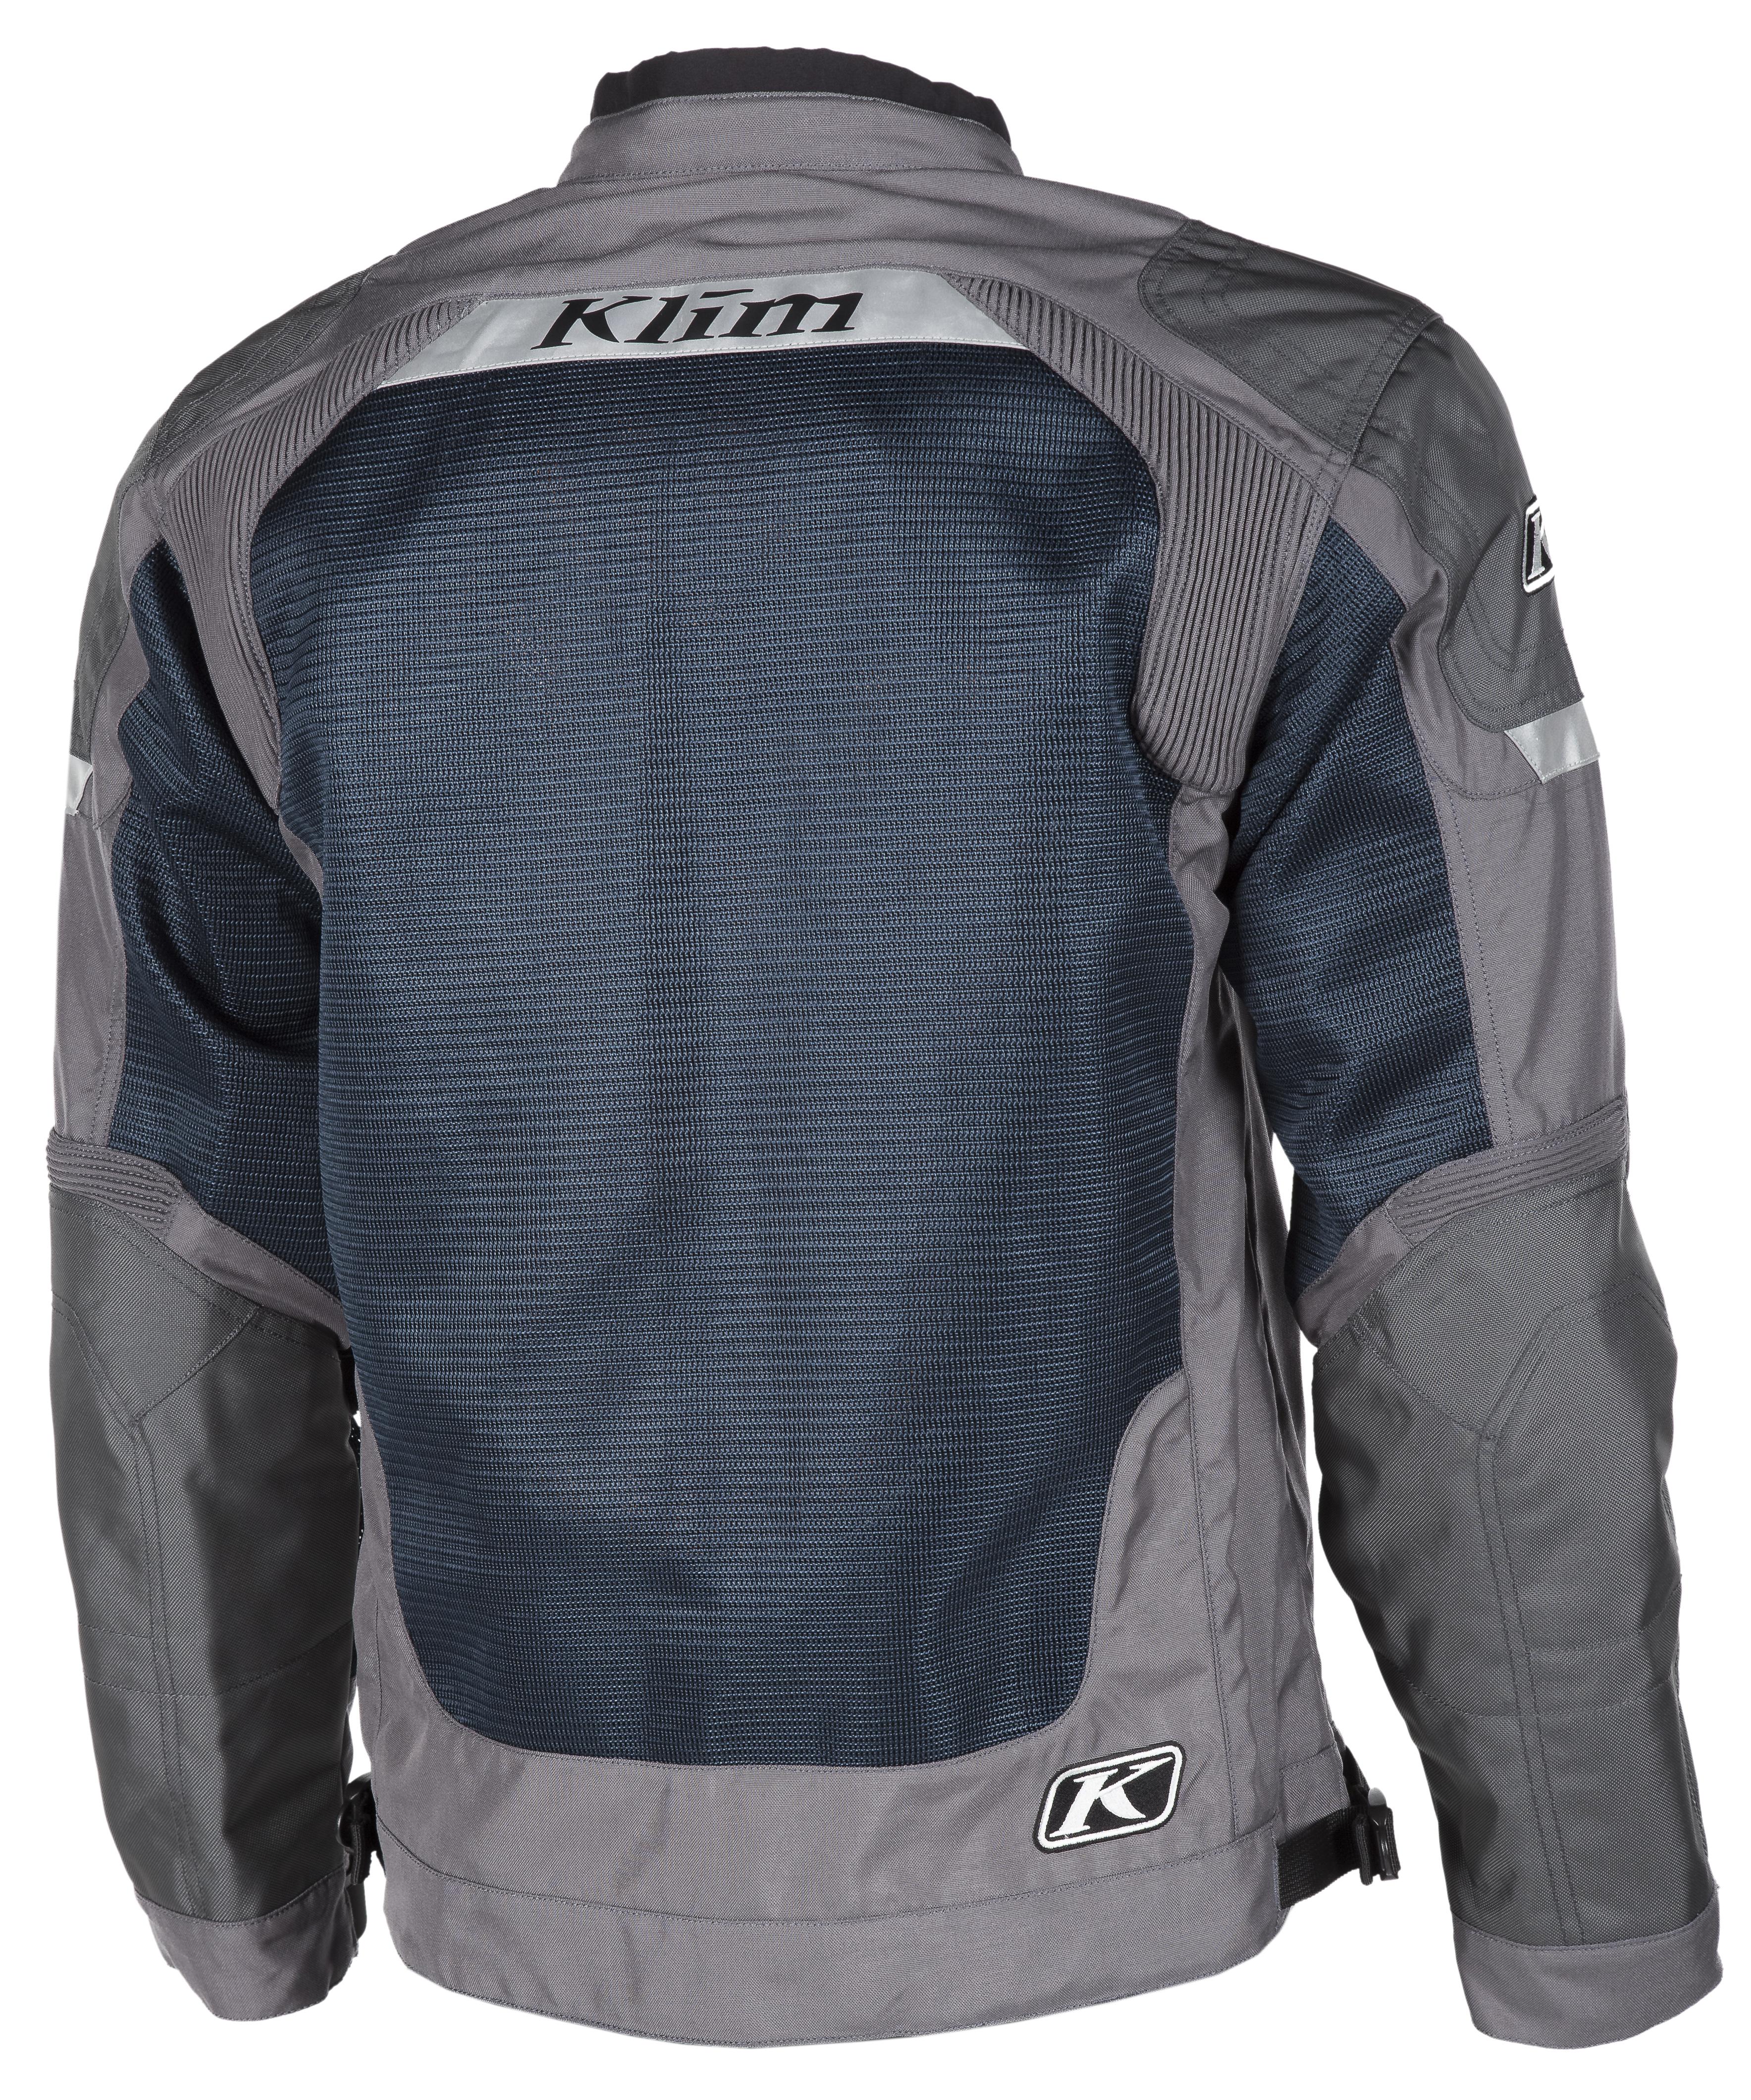 5060-001-200 Induction Jacket D1